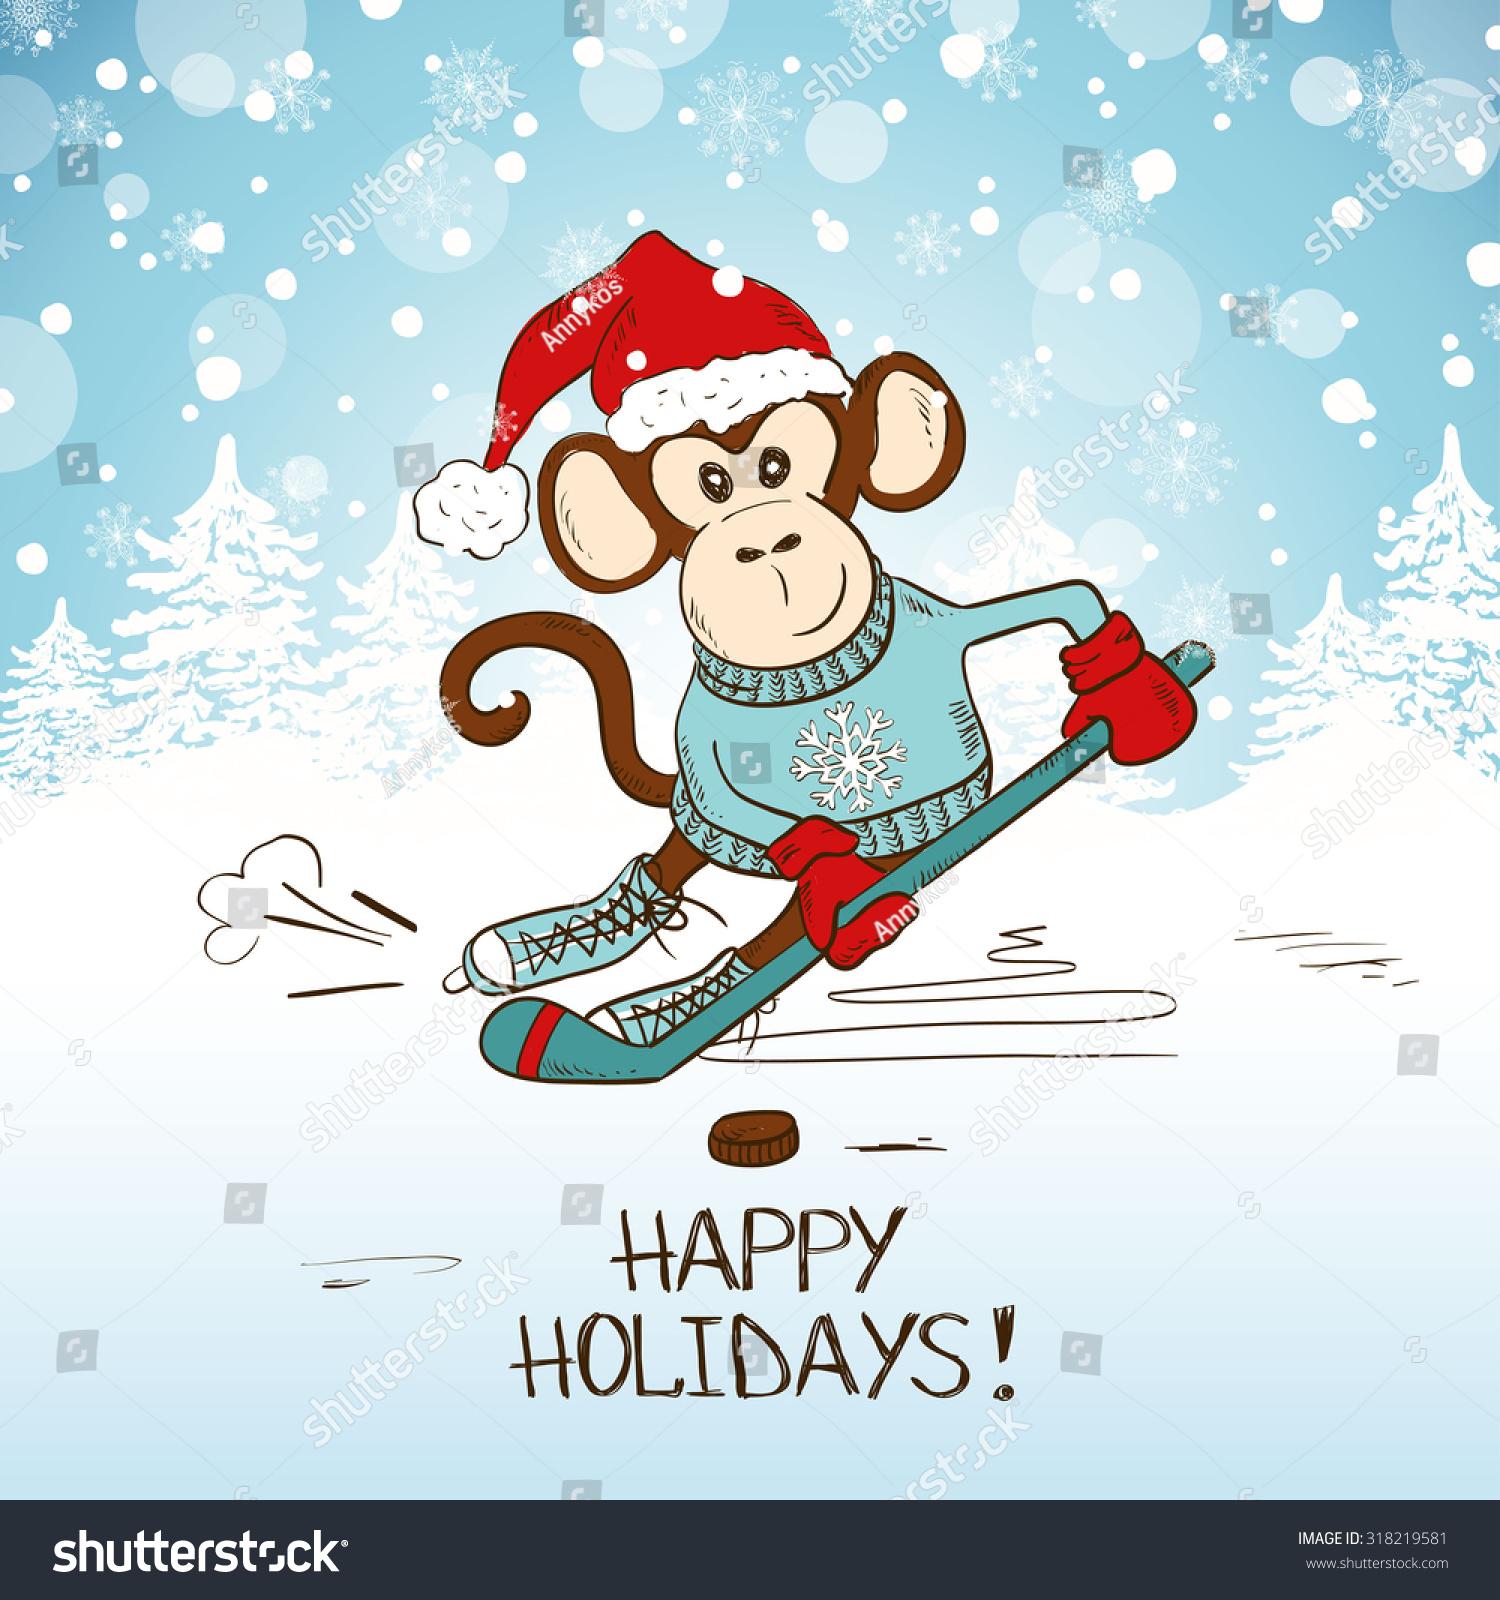 Картинки с Новым годом 2017 год обезьяны